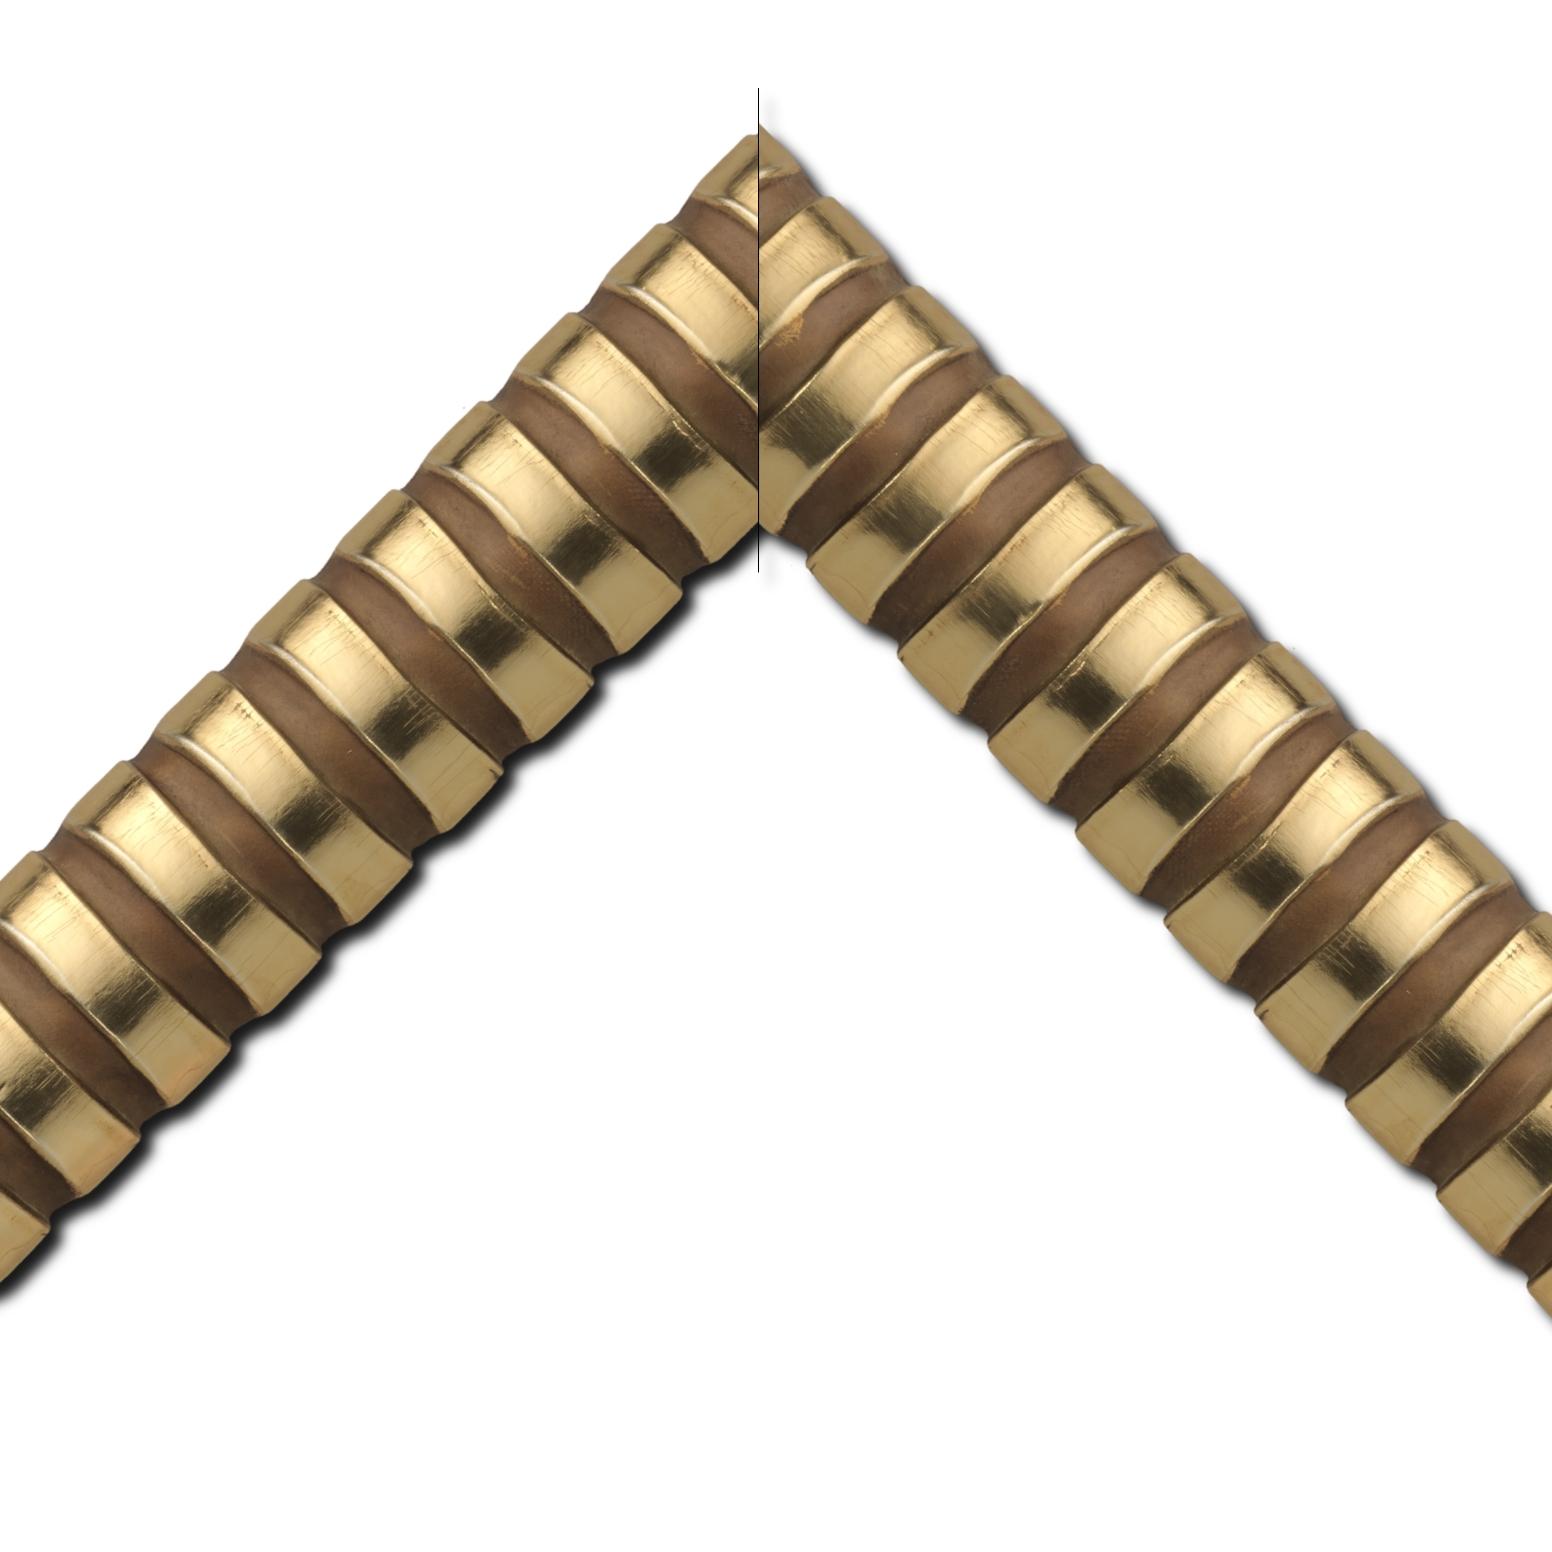 Baguette bois profil demi rond largeur 8.3cm or brillant décor arcade en relief creux marron cuivré